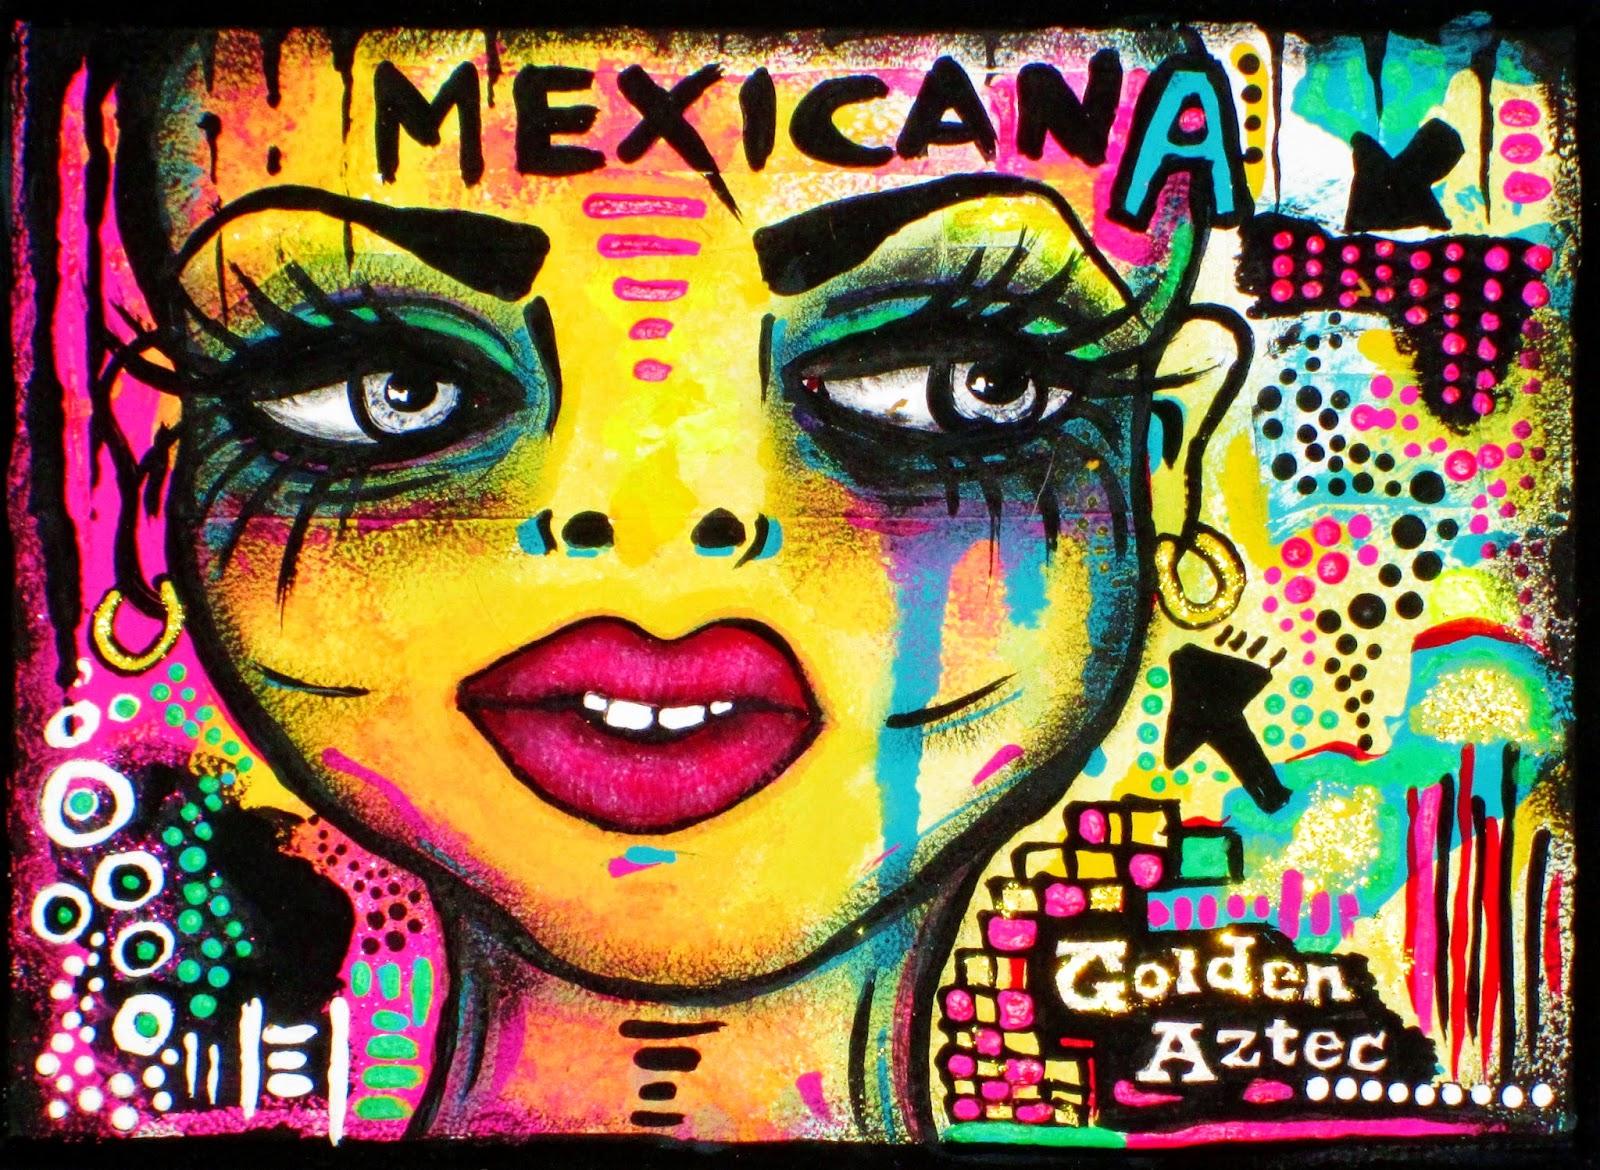 Mexicana - Art by Bebee Pino